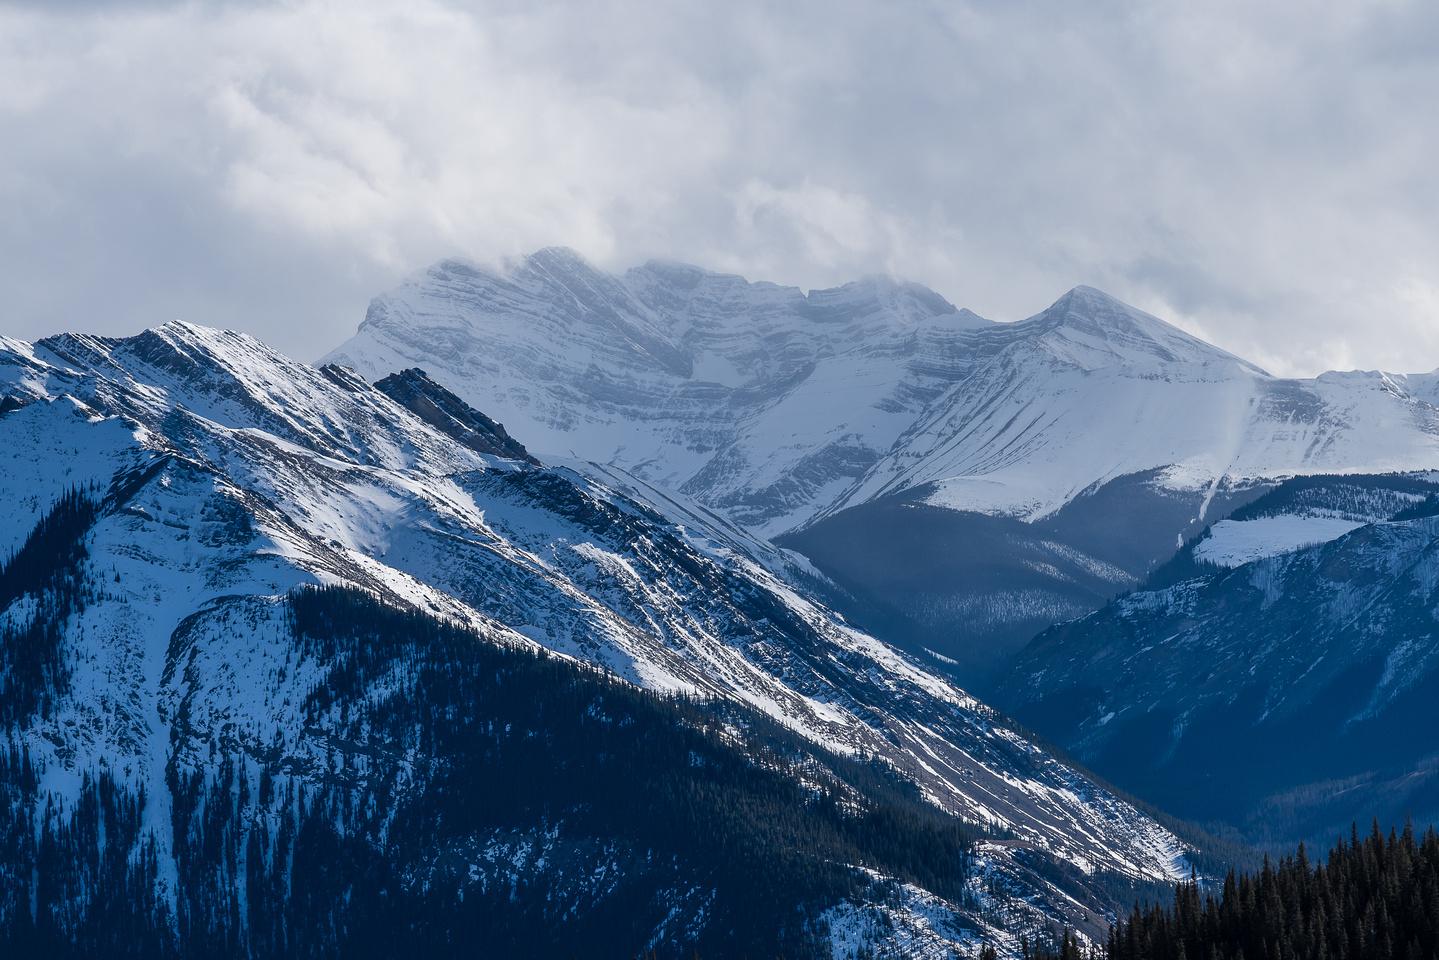 Puma Peak looks fierce!